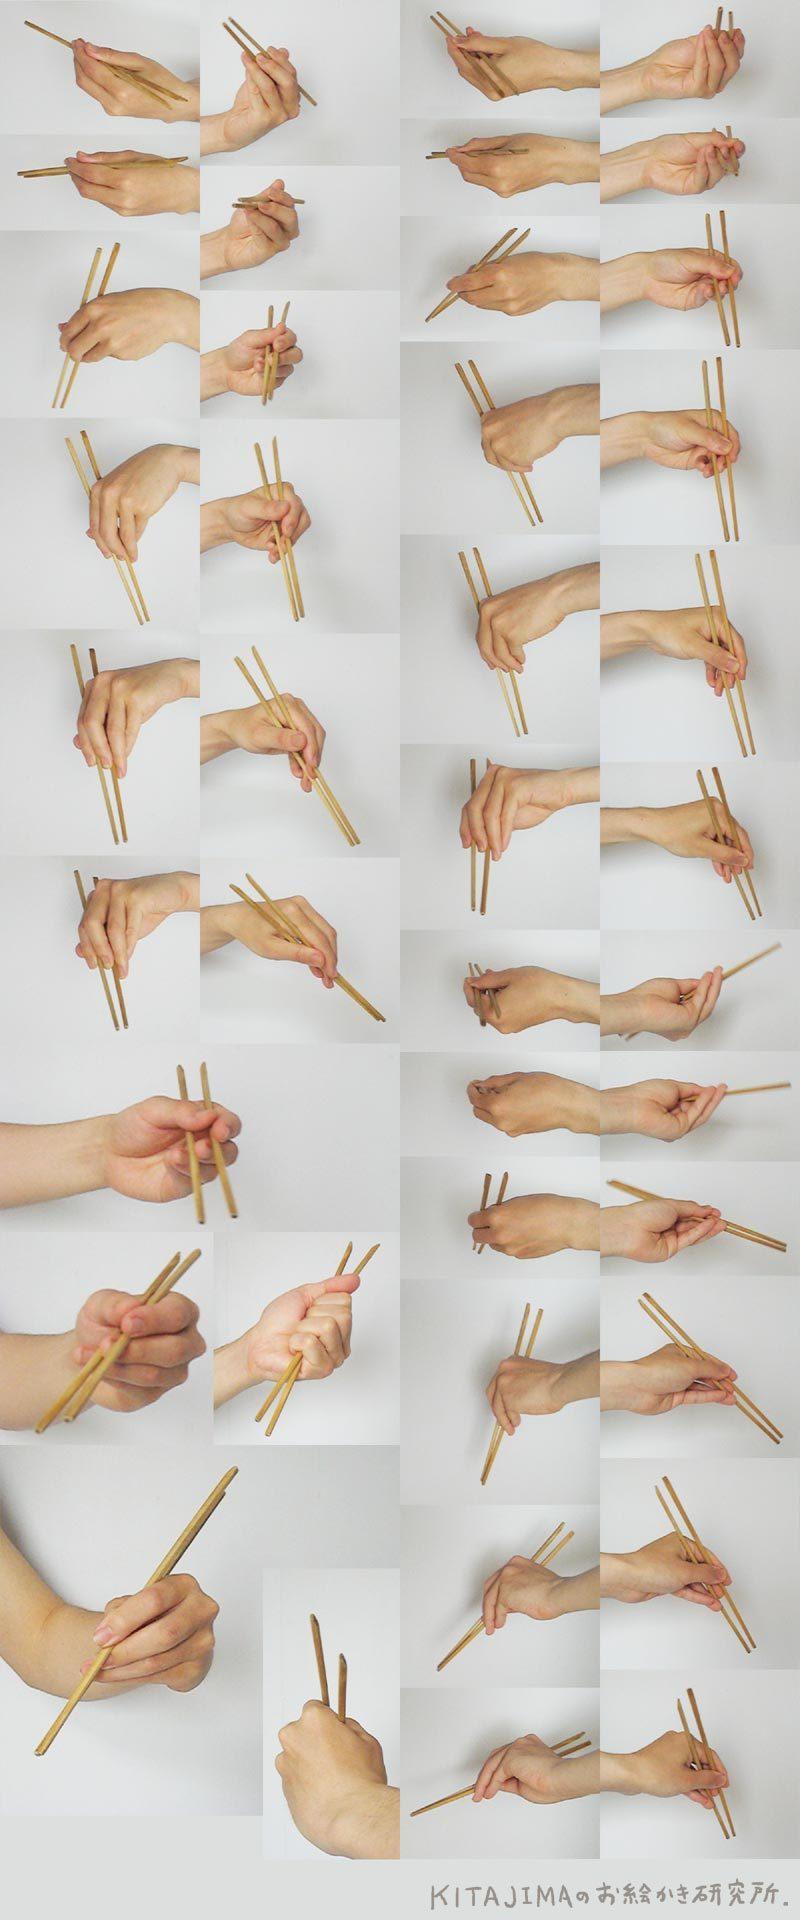 hand_left_hashi